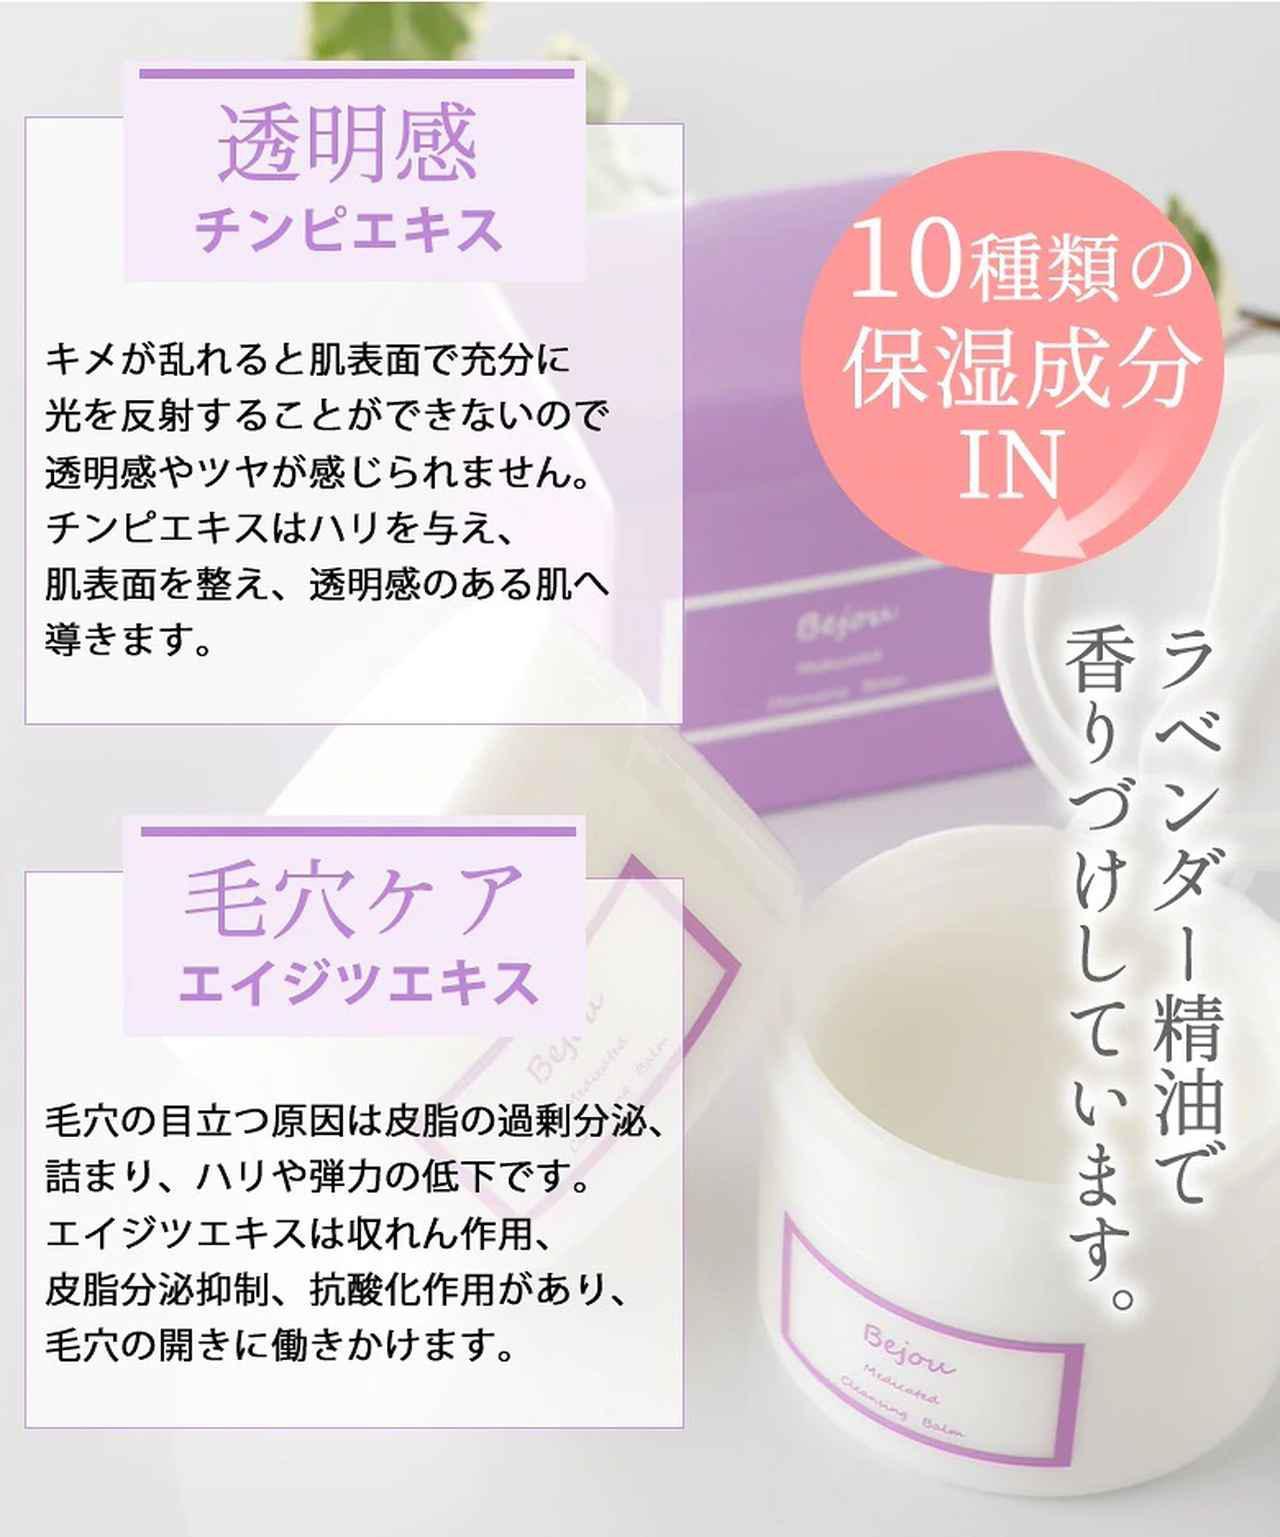 画像3: 【Bejou】Medicated Cleansing Balm(メディケイティッドクレンジングバーム)